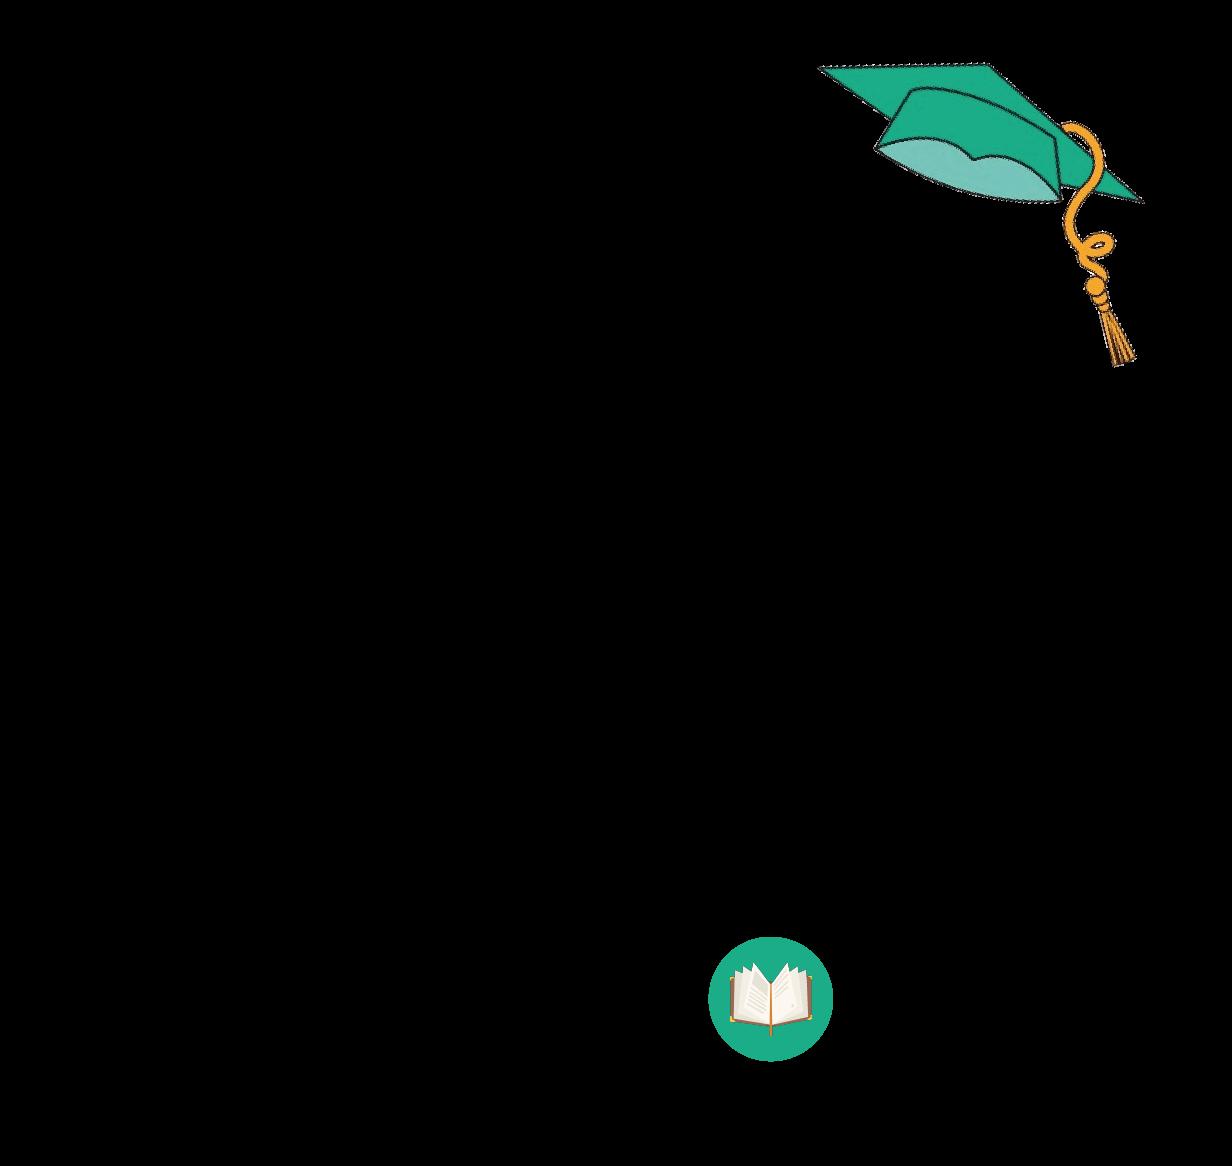 identité graphique_start-up_publicité_linkedin_marketing émotionnel_production_contenues_instagram_réseaux sociaux_branding_branding_identité visuelle_entrepreneur(e)s_digitale_pinterest_outils indispensables pour créer vos réseaux sociaux_google ads_stratégie youtube_trouver de nouveaux clients_wordpress_algorithme instagram_marketing analyse_analyse marketing_monétisation youtube_canva_prospection commerciale_digital jedi_haute couture digitale_dream digital academy_MN Formations_HLL7_Rent DKR_Veezu_Easy GP_Business_SEO_créer une newsletter_My Curt_Stratégie de Netflix_Création de site internet marketing-digital-2021_marketing-digital-2020_tendance-marketing-digital_idée-marketing_stratégie-digital_stratégie-marketing-digital_marketin-digital_marketing-digital-def_coach-seo_article-marketing-digital_tendance-digital_tendance-marketing-digital-2021_réseaux-sociaux_stratégie-instagram_marketing-de-contenu_content-marketing_seo_google-optimisation_google-seo_google-algorithm_referencement-site-web_seo-referencement_google-referencement_referencement-web_referencement-sur-google_neil-patel_referencement-site-google_referencement-naturel_referencement-naturel-google-referencement-naturel-def_publicité-digitale_publicité-numérique_marketing-organique_email-marketing_publipostage_sendinblue_campagne-emailling_emailing_emailling_emailing-gratuit_emailing-marketing_emailing-exemple_template-emailing_mailing-list_lead-magnet_analyse-site-web_prix-d-un-site-internet_le-marketing-digital_rédaction-de-contenus_marketing-freelance_kpi-site-internet_marketing-digital-entreprise_youtube-booster_social-selling-linkedin_content-manager_acquisition-client_marketing-de-fidélisation_fidélisation-client-marketing_notoriété-marque_image-marque_image-de-marque_experience-client_podcast-marketing_podcast-marketing-digital_tutoriel-marketing_tutoriel-design_video-marketing_podcast-on-marketing_youtube-marketing_mindset_entrepreneur_later_hotjar_canva_canva-pro_canva-gratuit_entreprenariat_